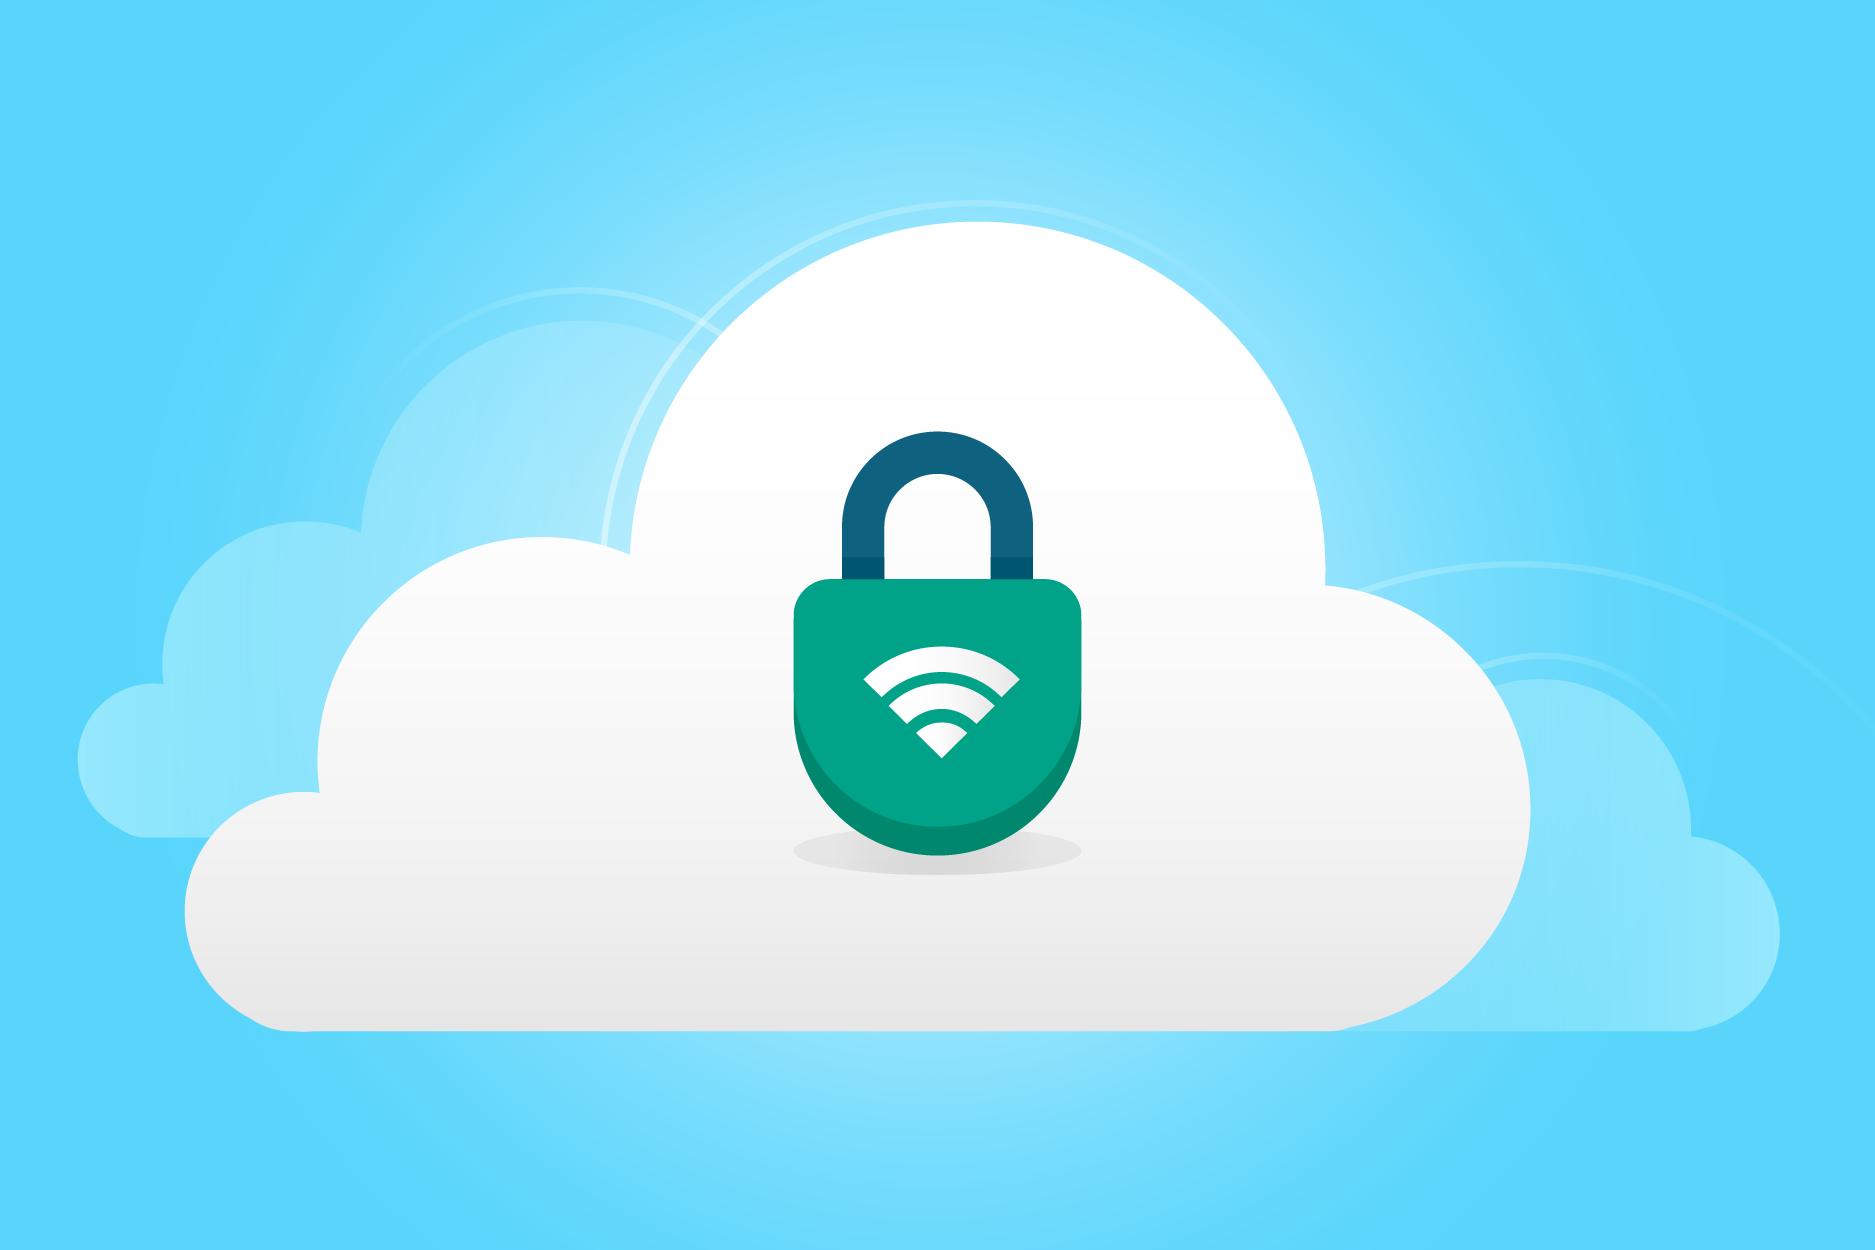 No importa a que red wifi te conectes. Siempre busca tu seguridad.